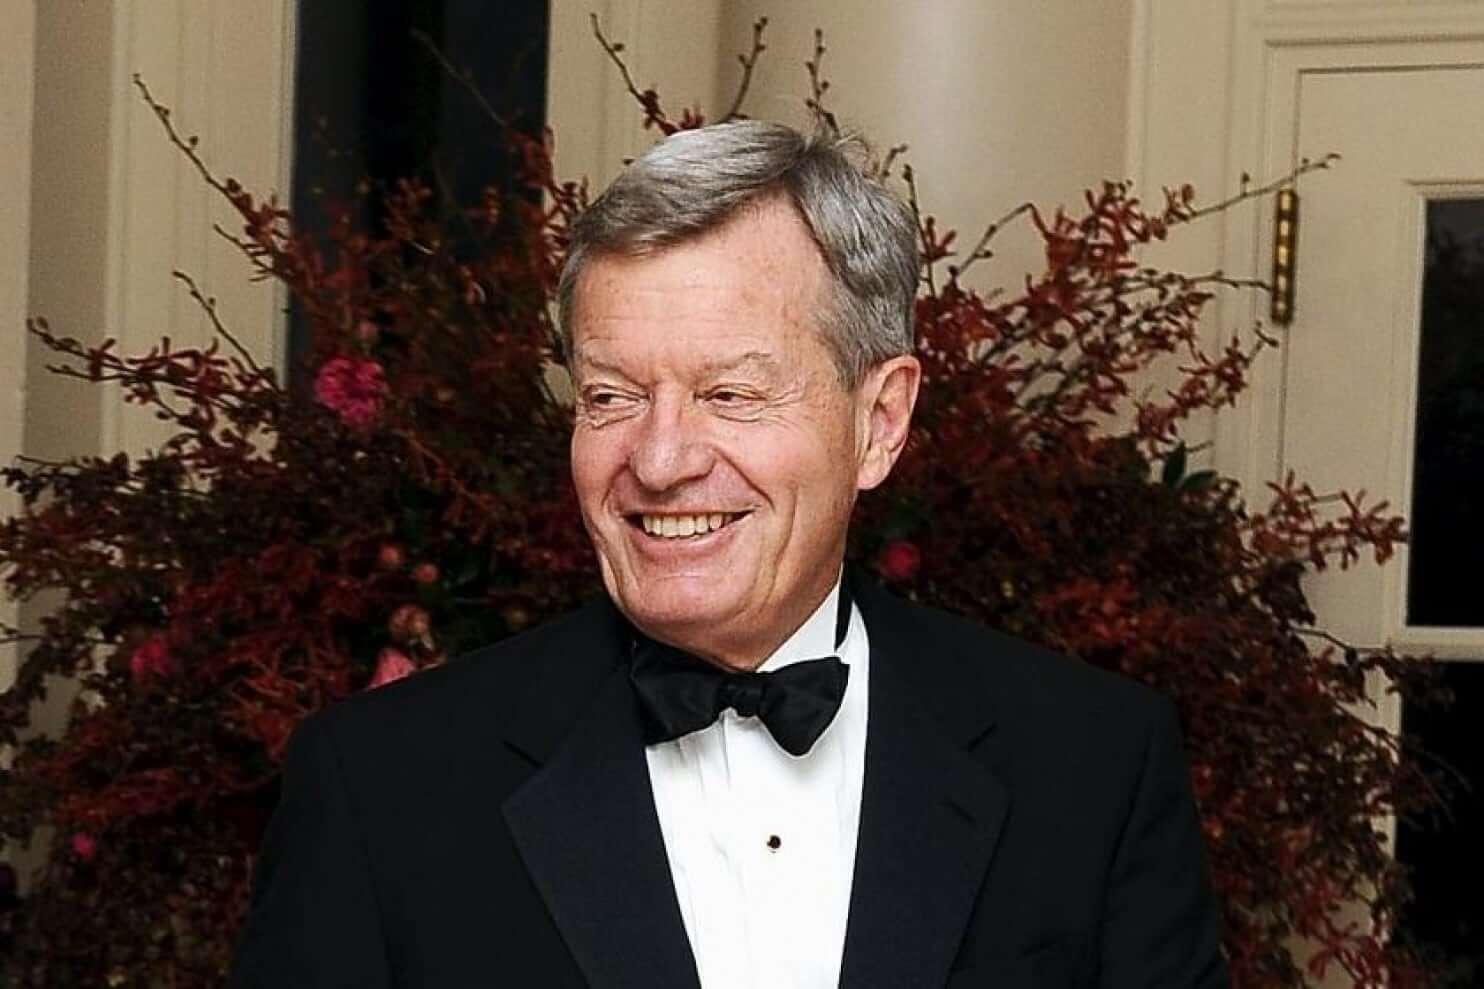 Макс Бокус сенатор США